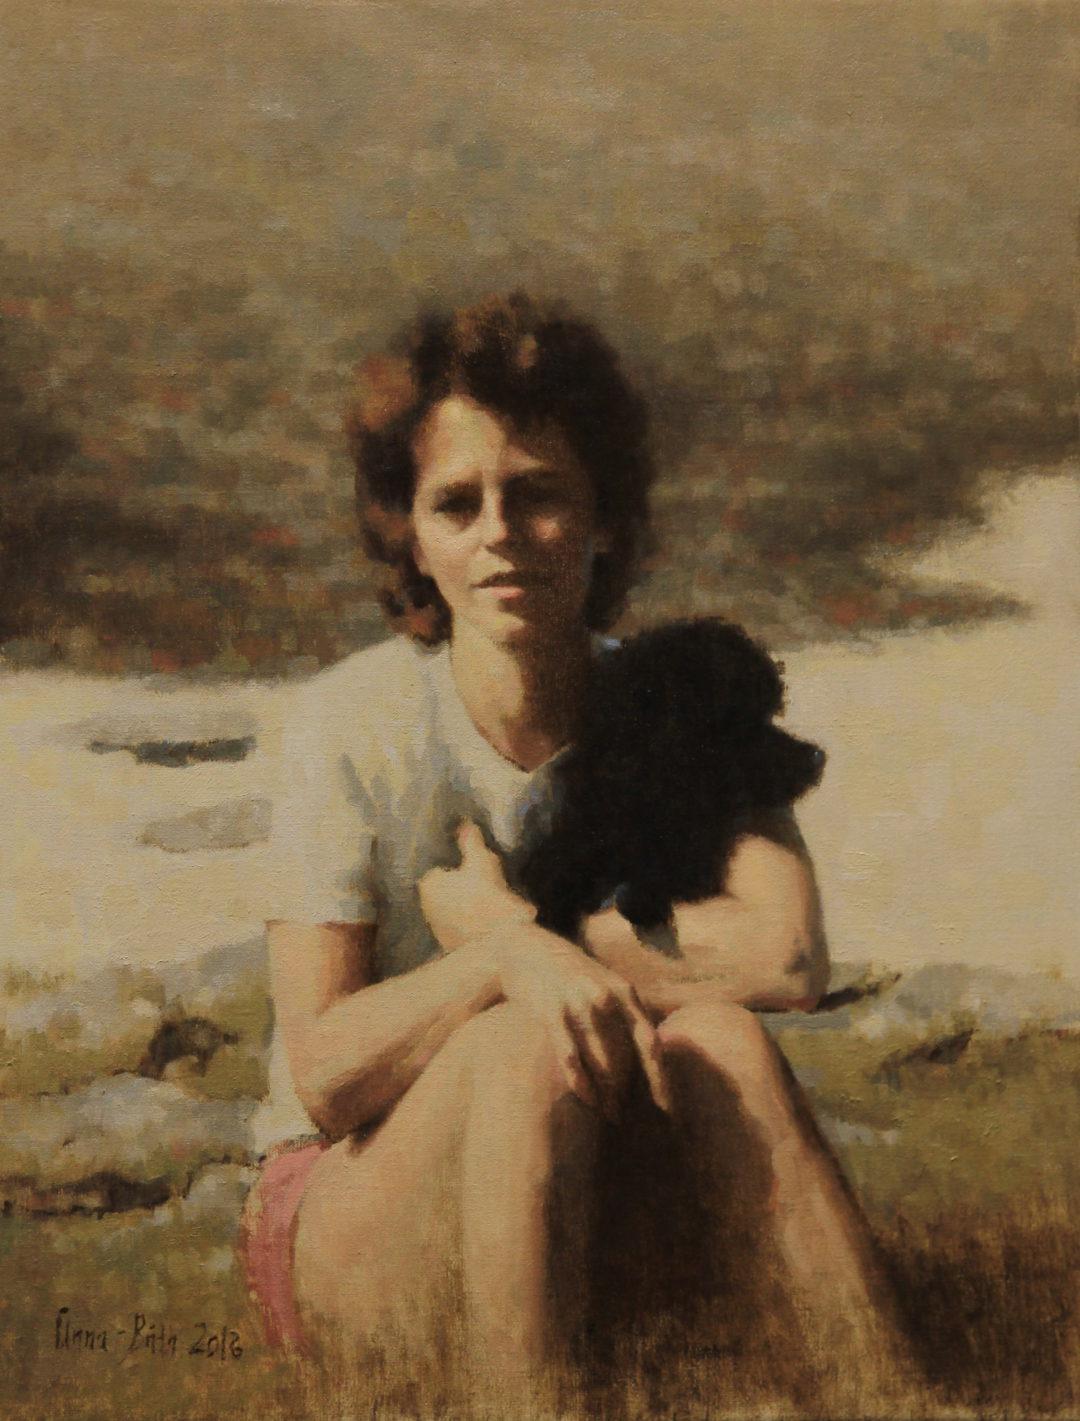 Gretha anno 1986